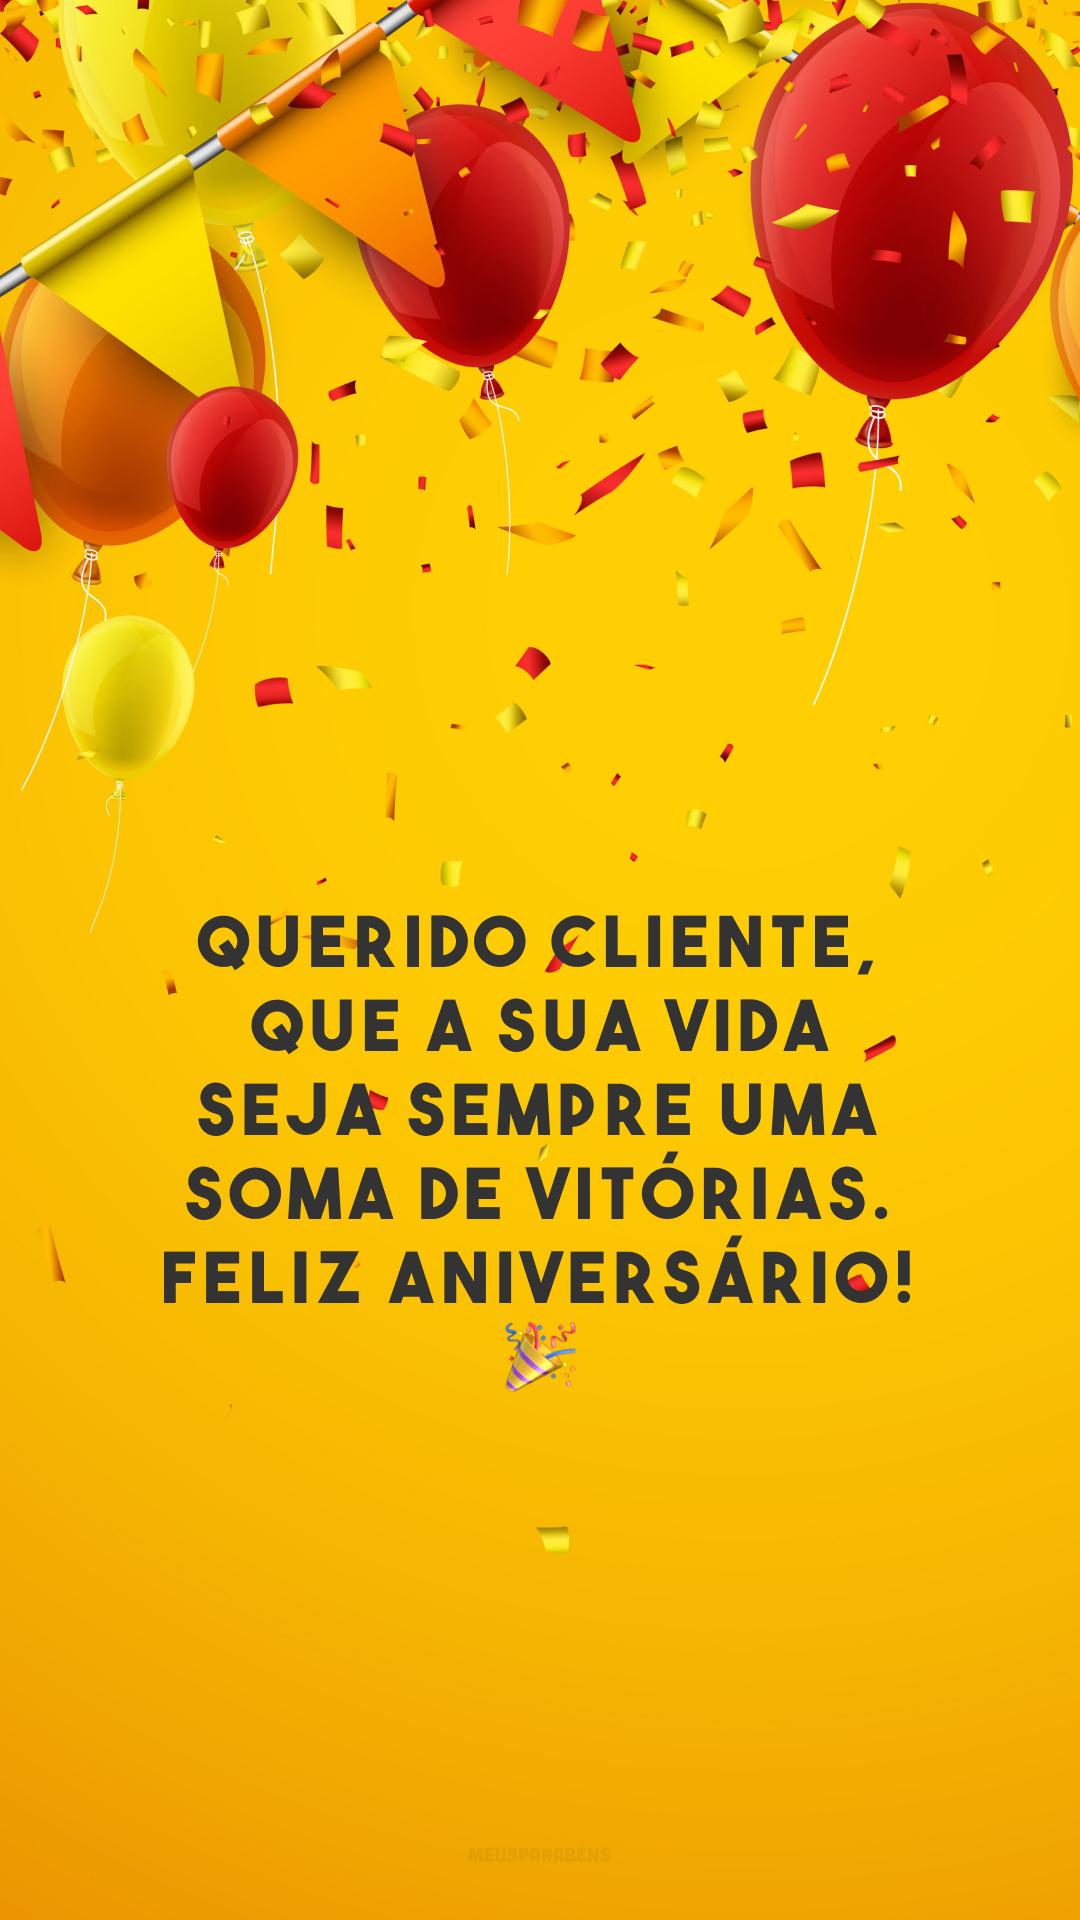 Querido cliente, que a sua vida seja sempre uma soma de vitórias. Feliz aniversário! 🎉